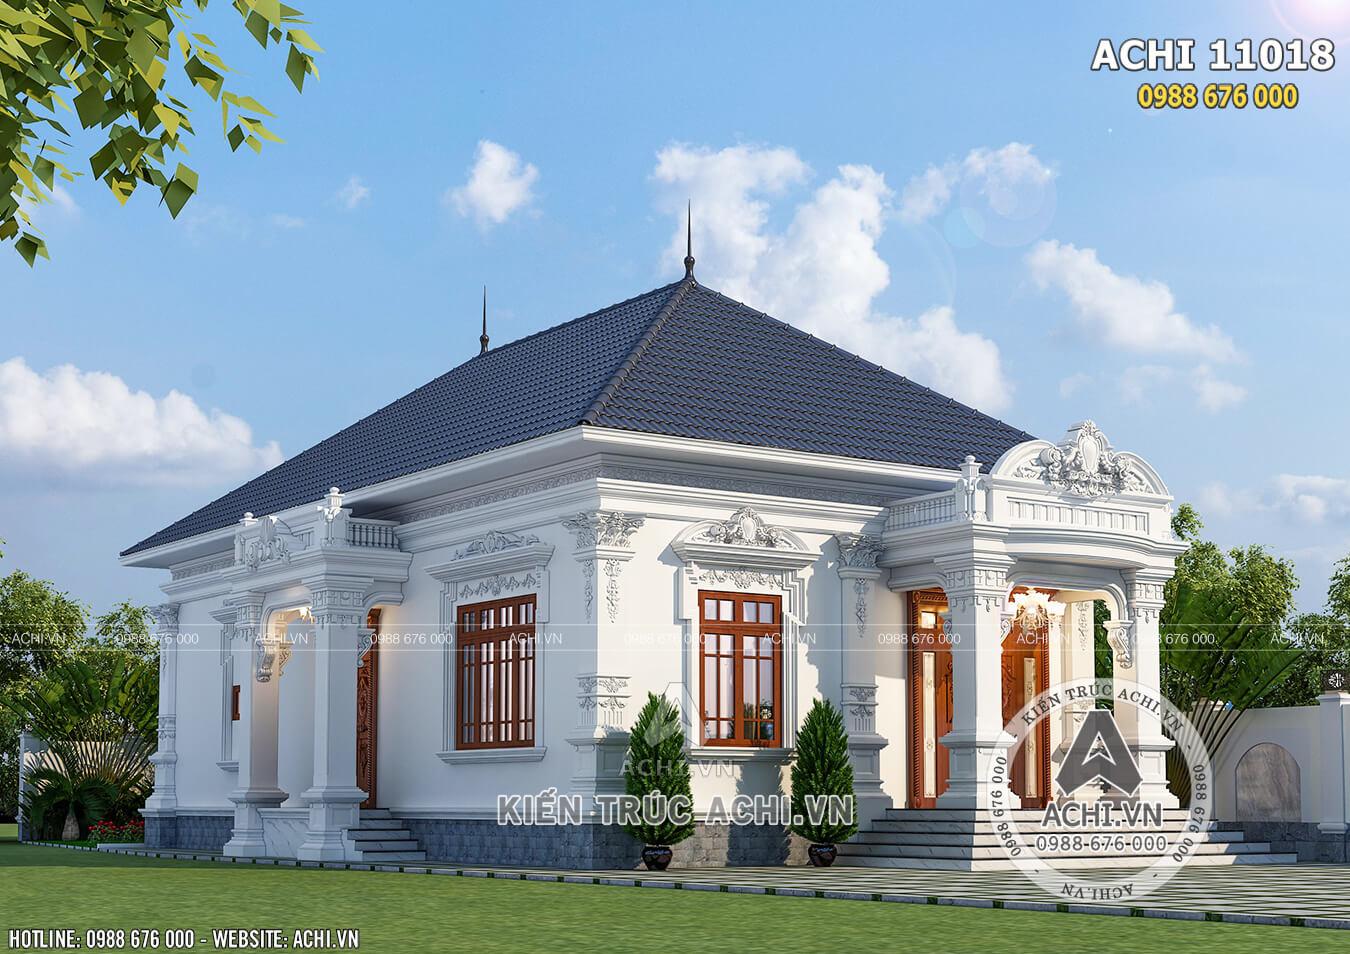 Thiết kế biệt thự tân cổ điển 1 tầng tại Đồng Nai - ACHI 11018